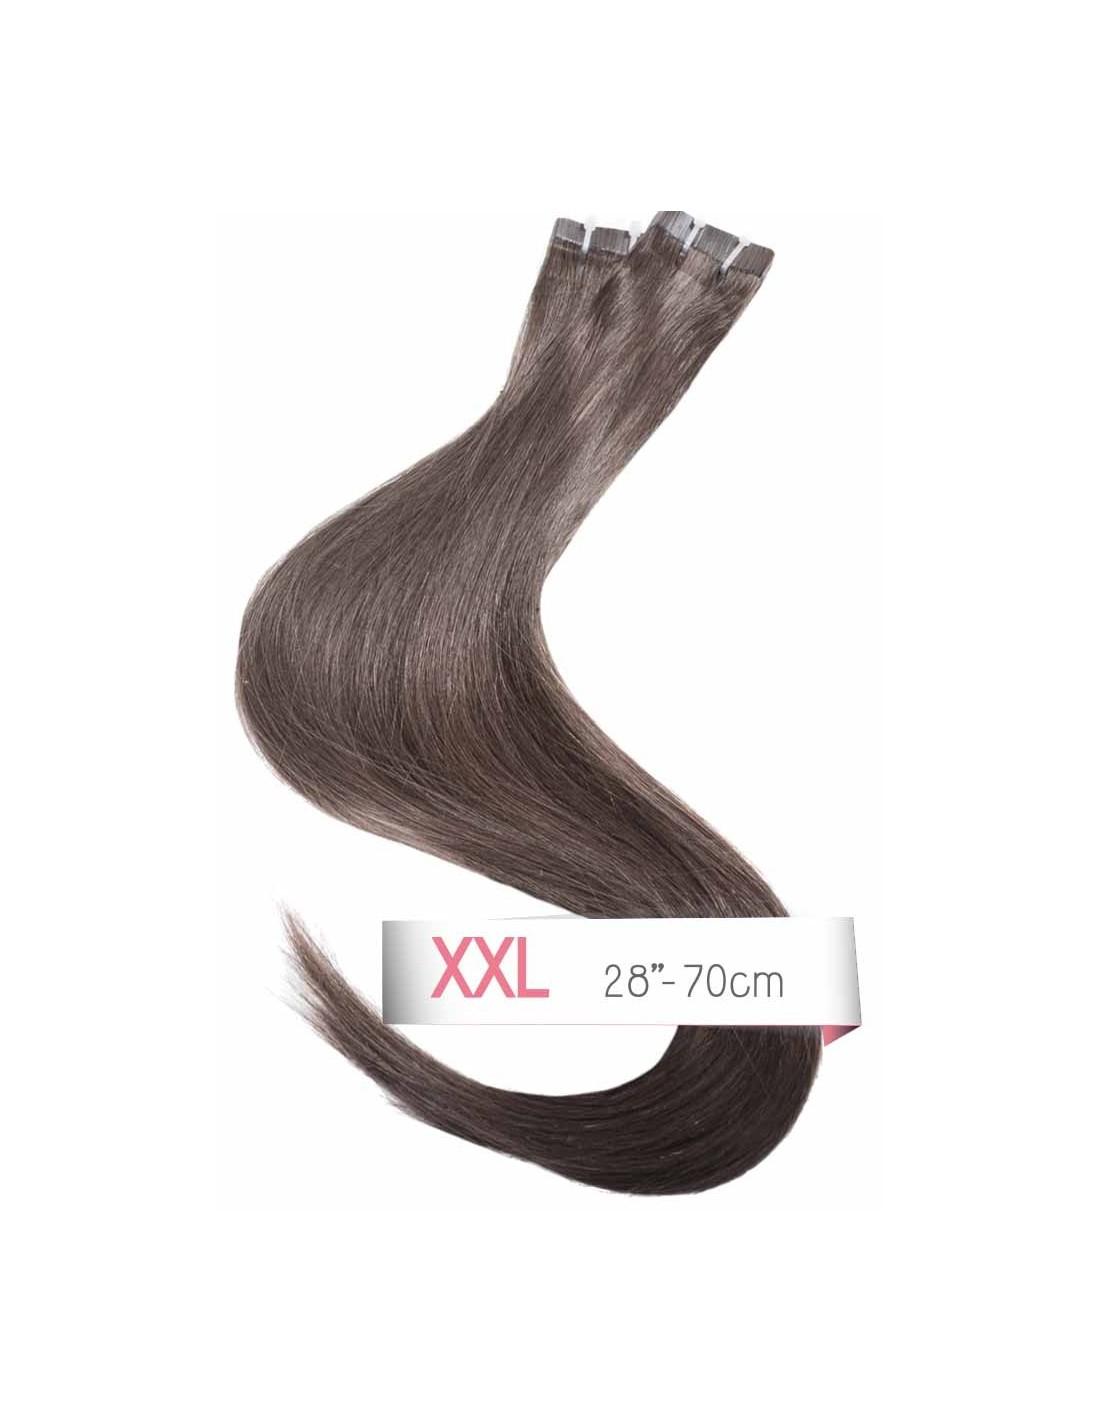 70 cm tape echthaar xxxl profi qualit t remy hair. Black Bedroom Furniture Sets. Home Design Ideas